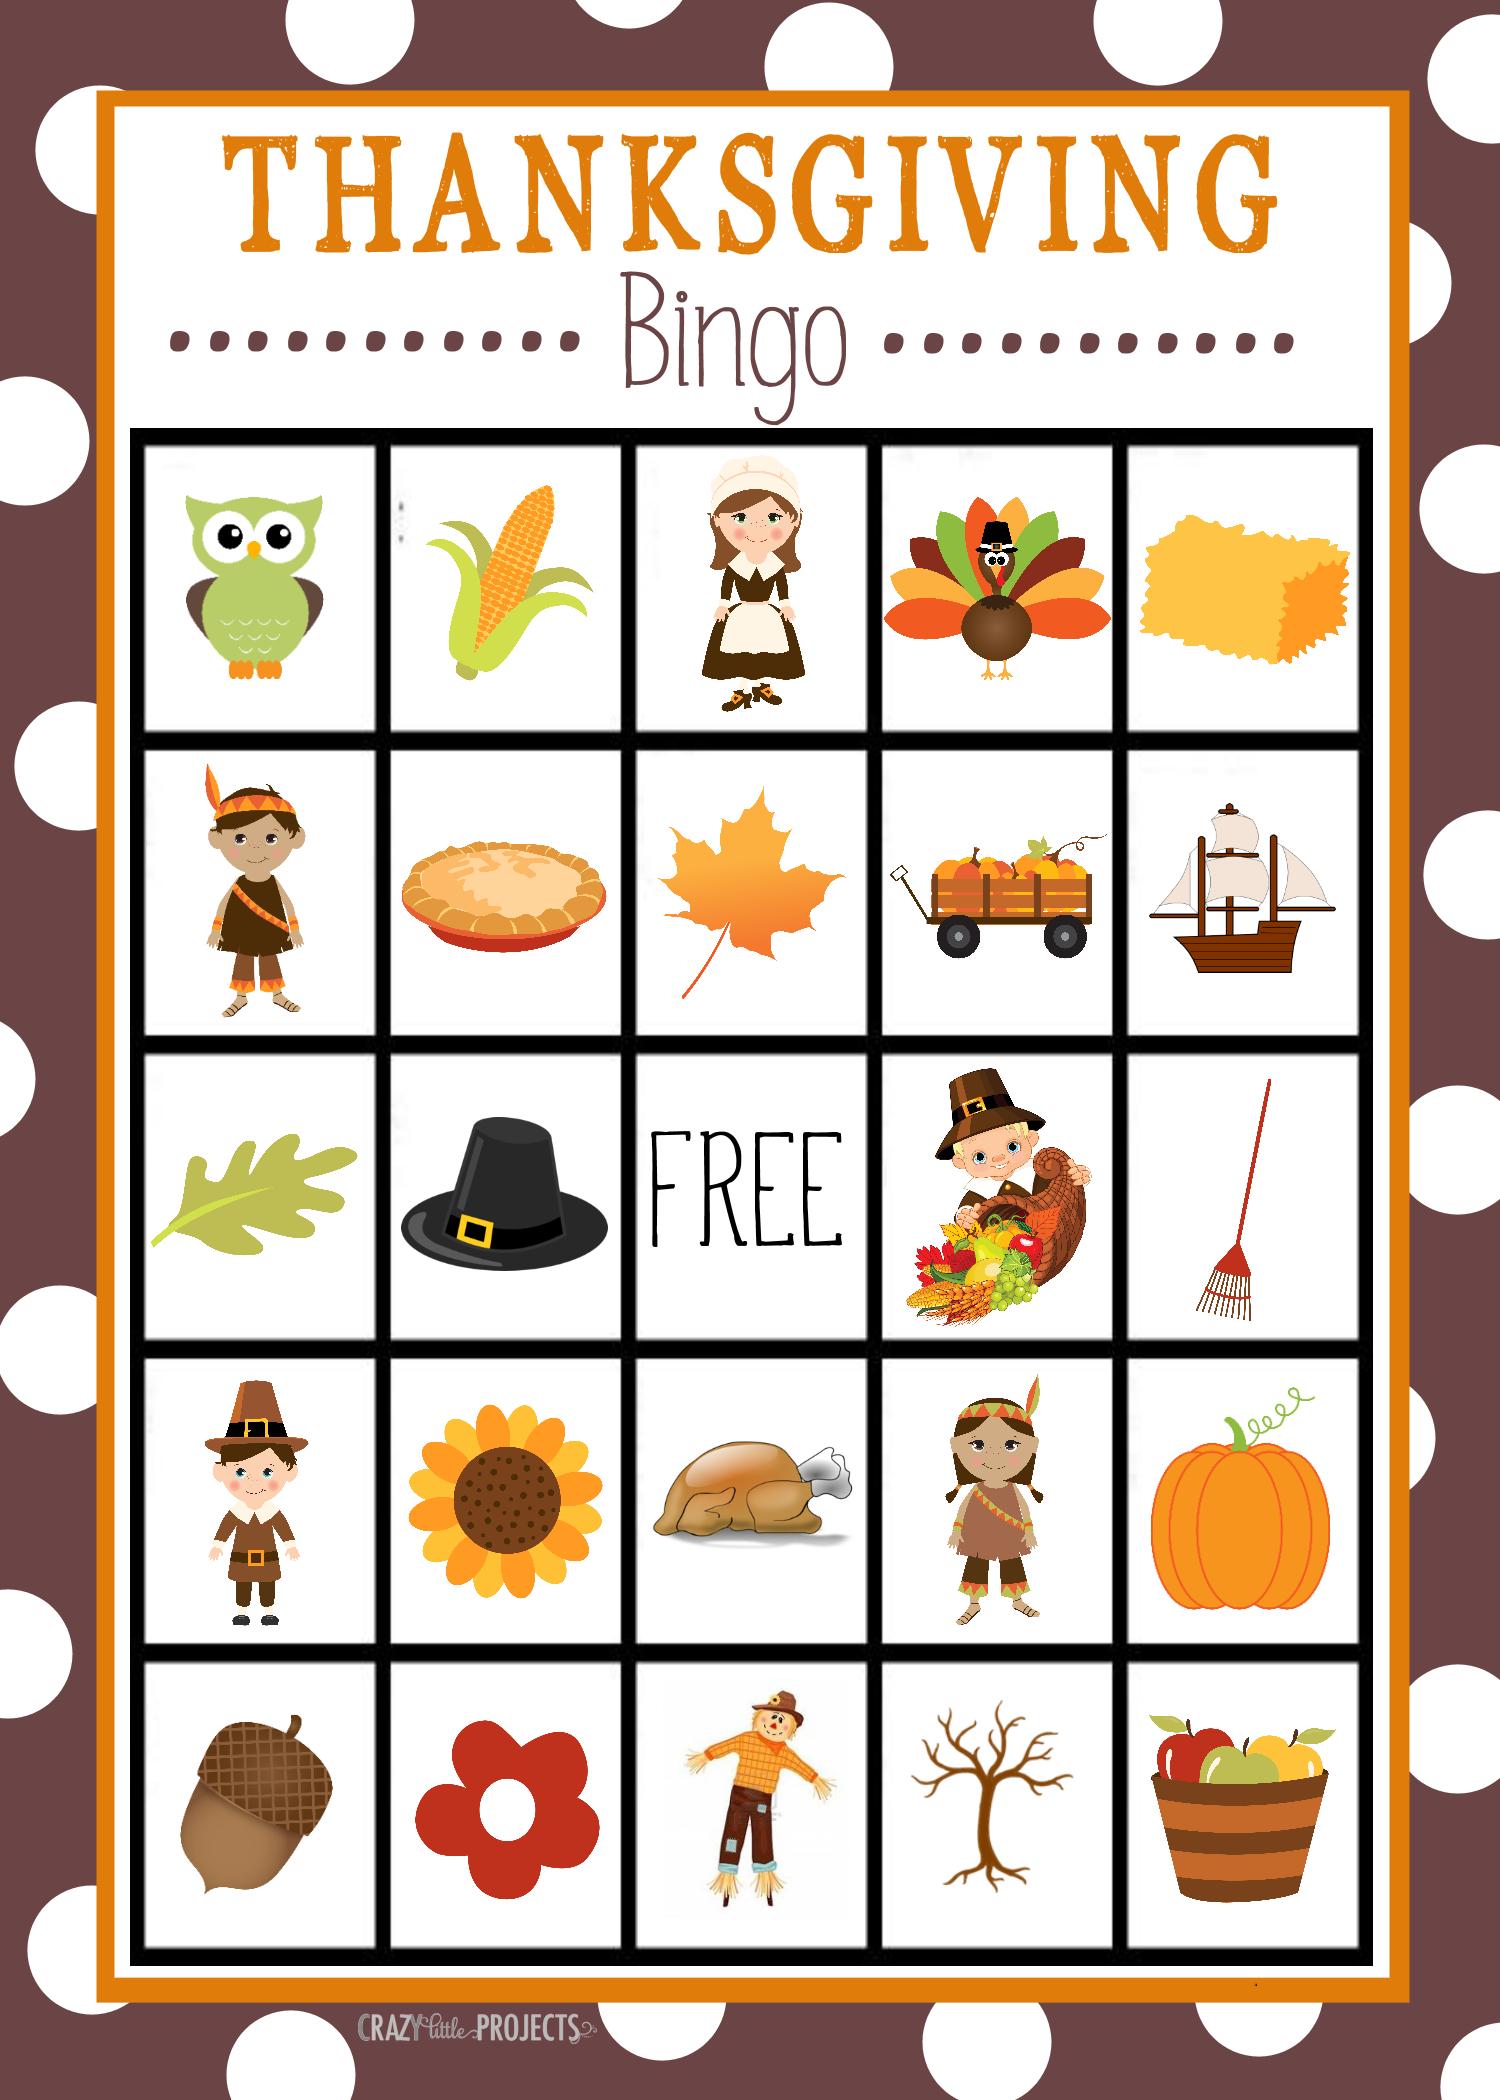 Free Printable Thanksgiving Bingo Game   Craft Time   Thanksgiving - Free Printable For Thanksgiving